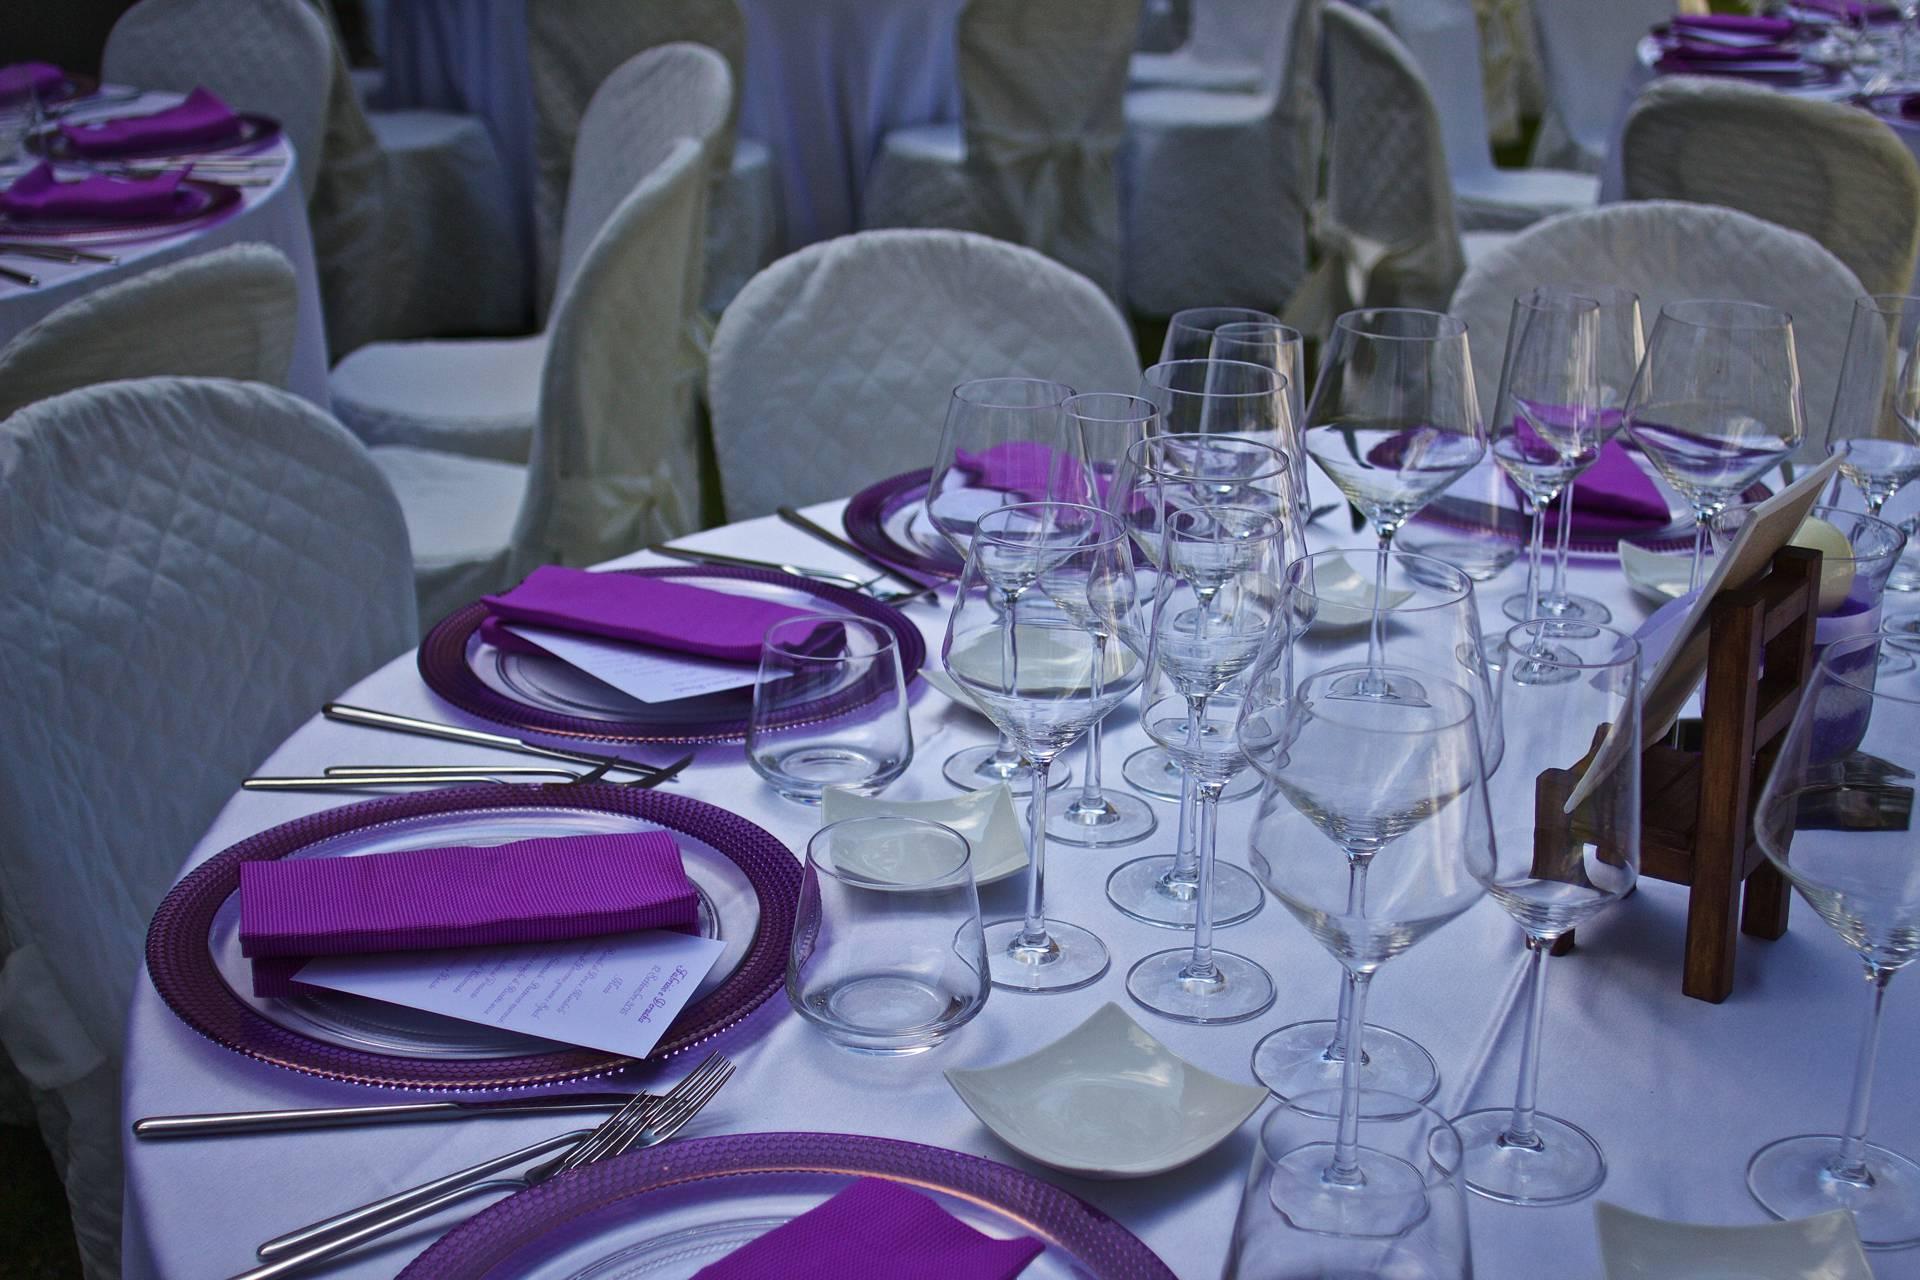 Location Matrimoni Toscana Prezzi : Villa matrimonio empoli corte di poggio